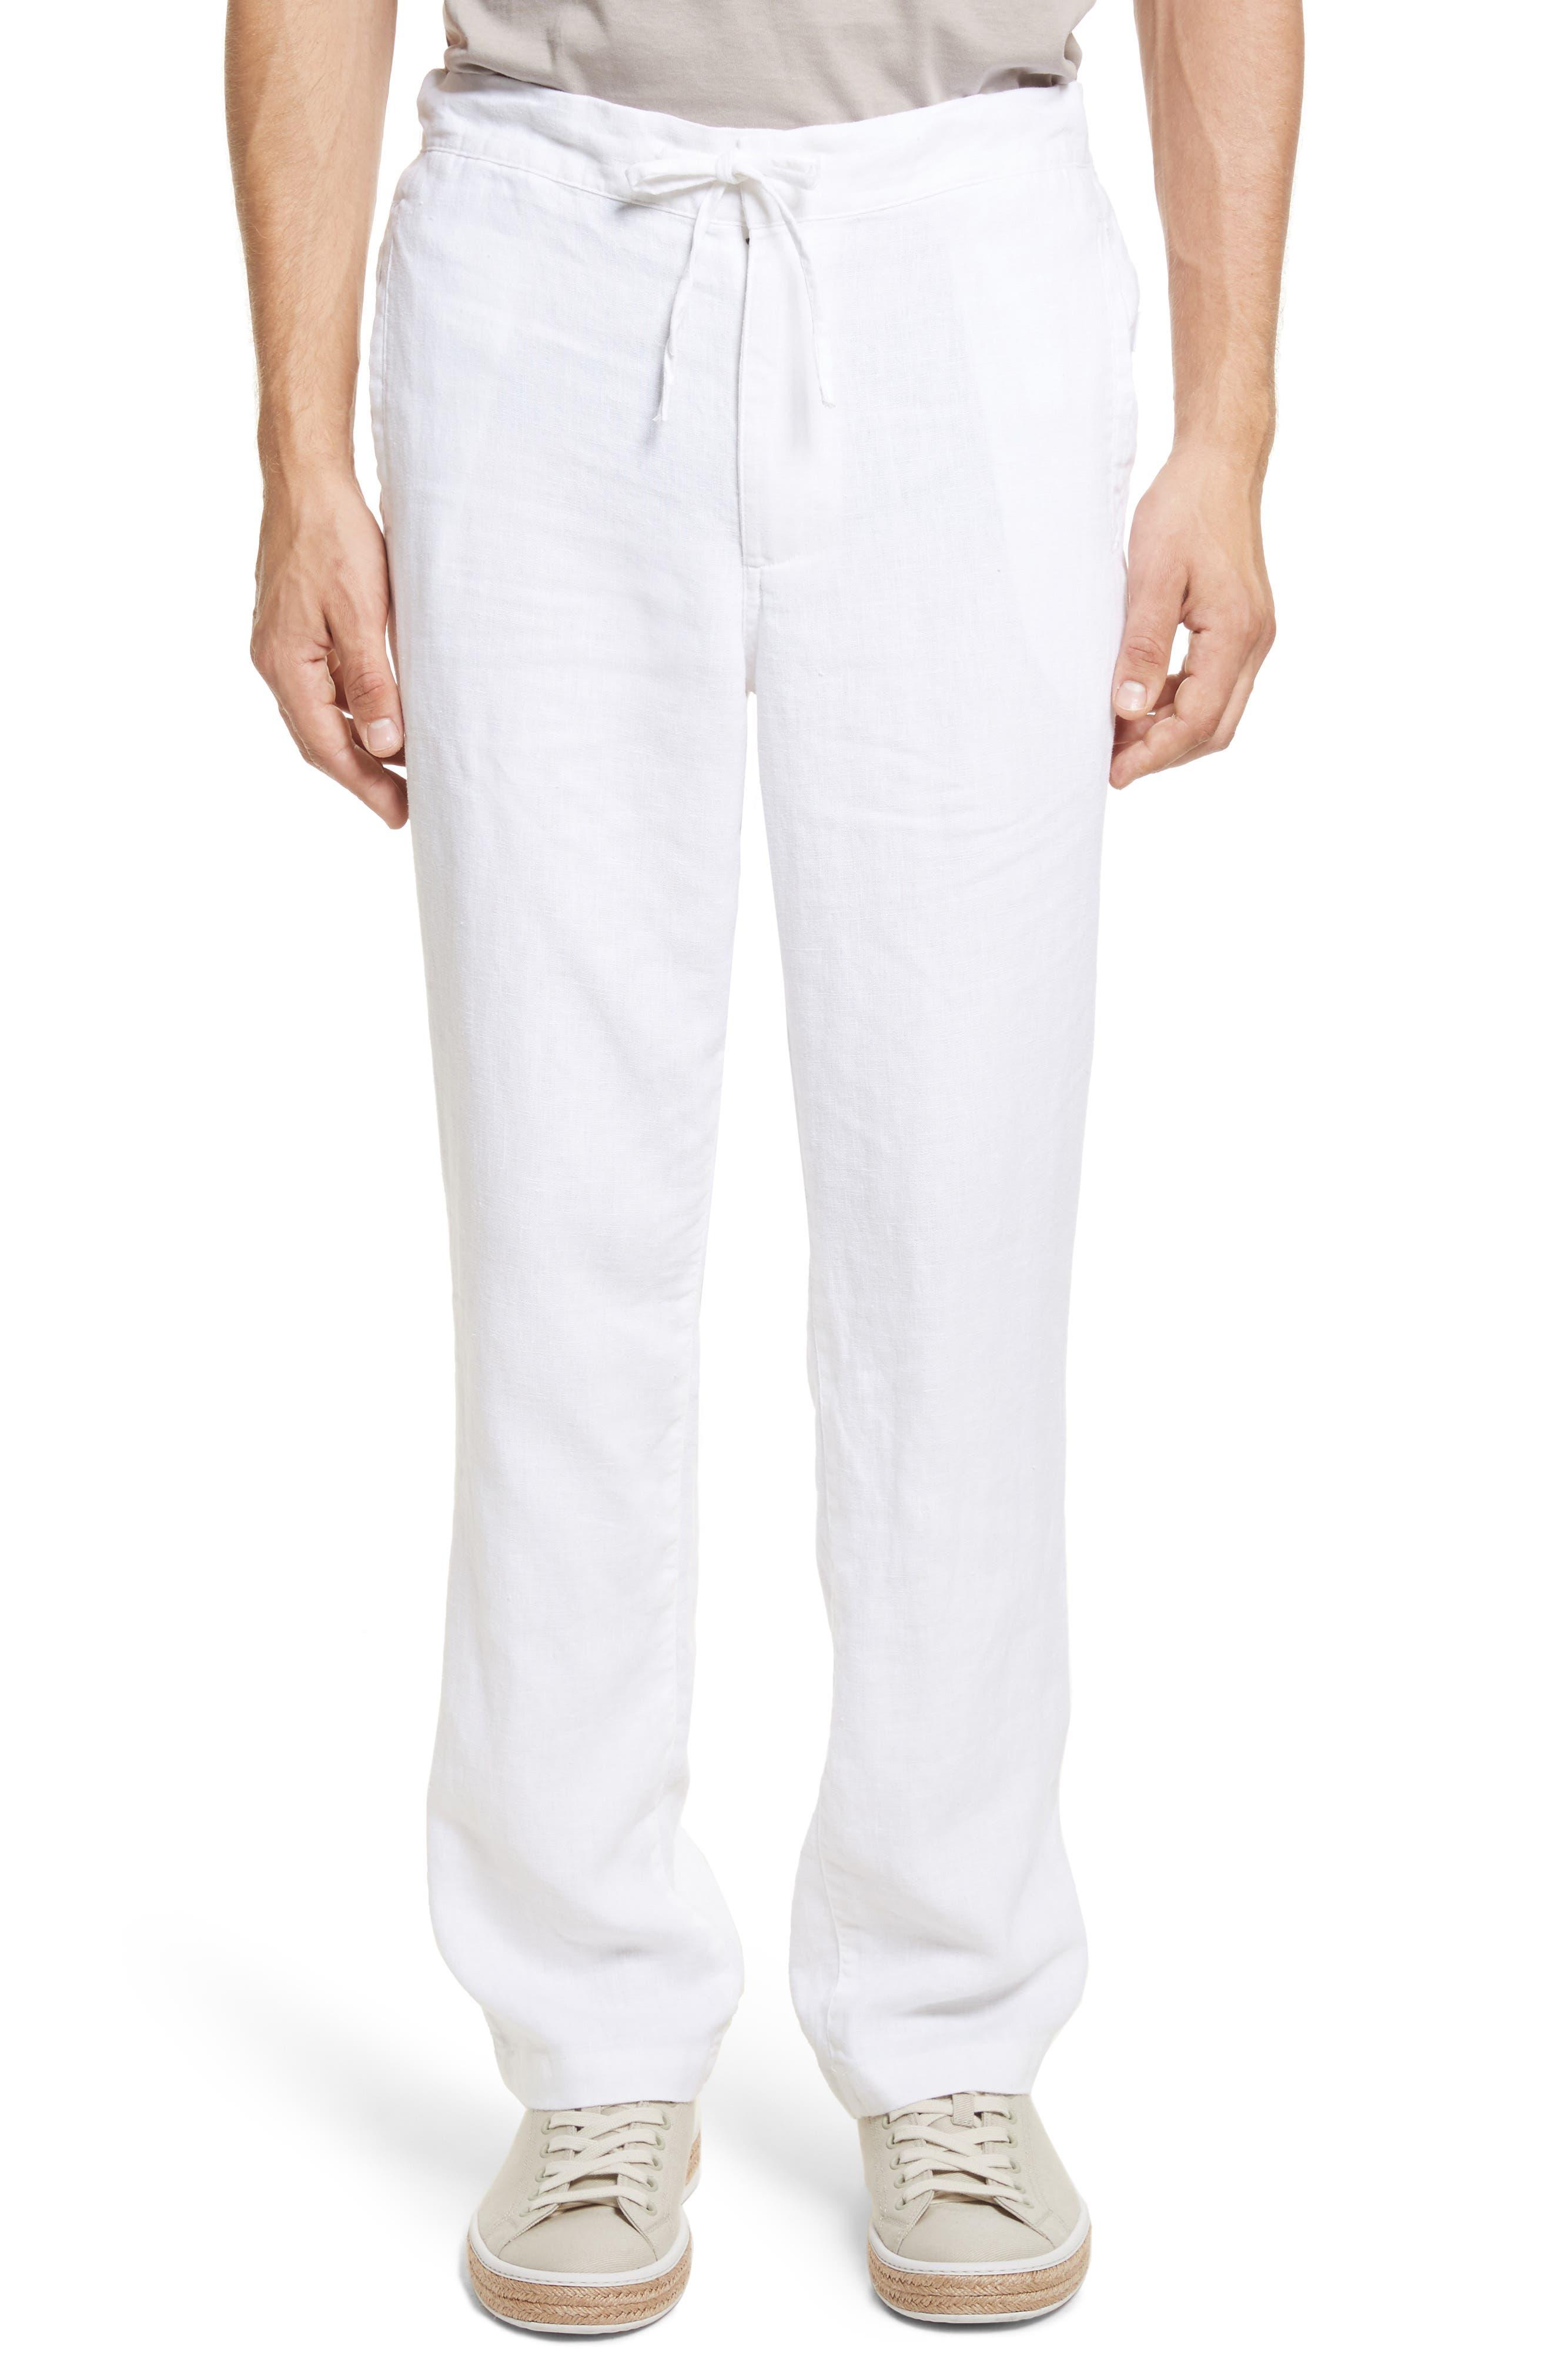 Collin Linen Pants,                         Main,                         color, White